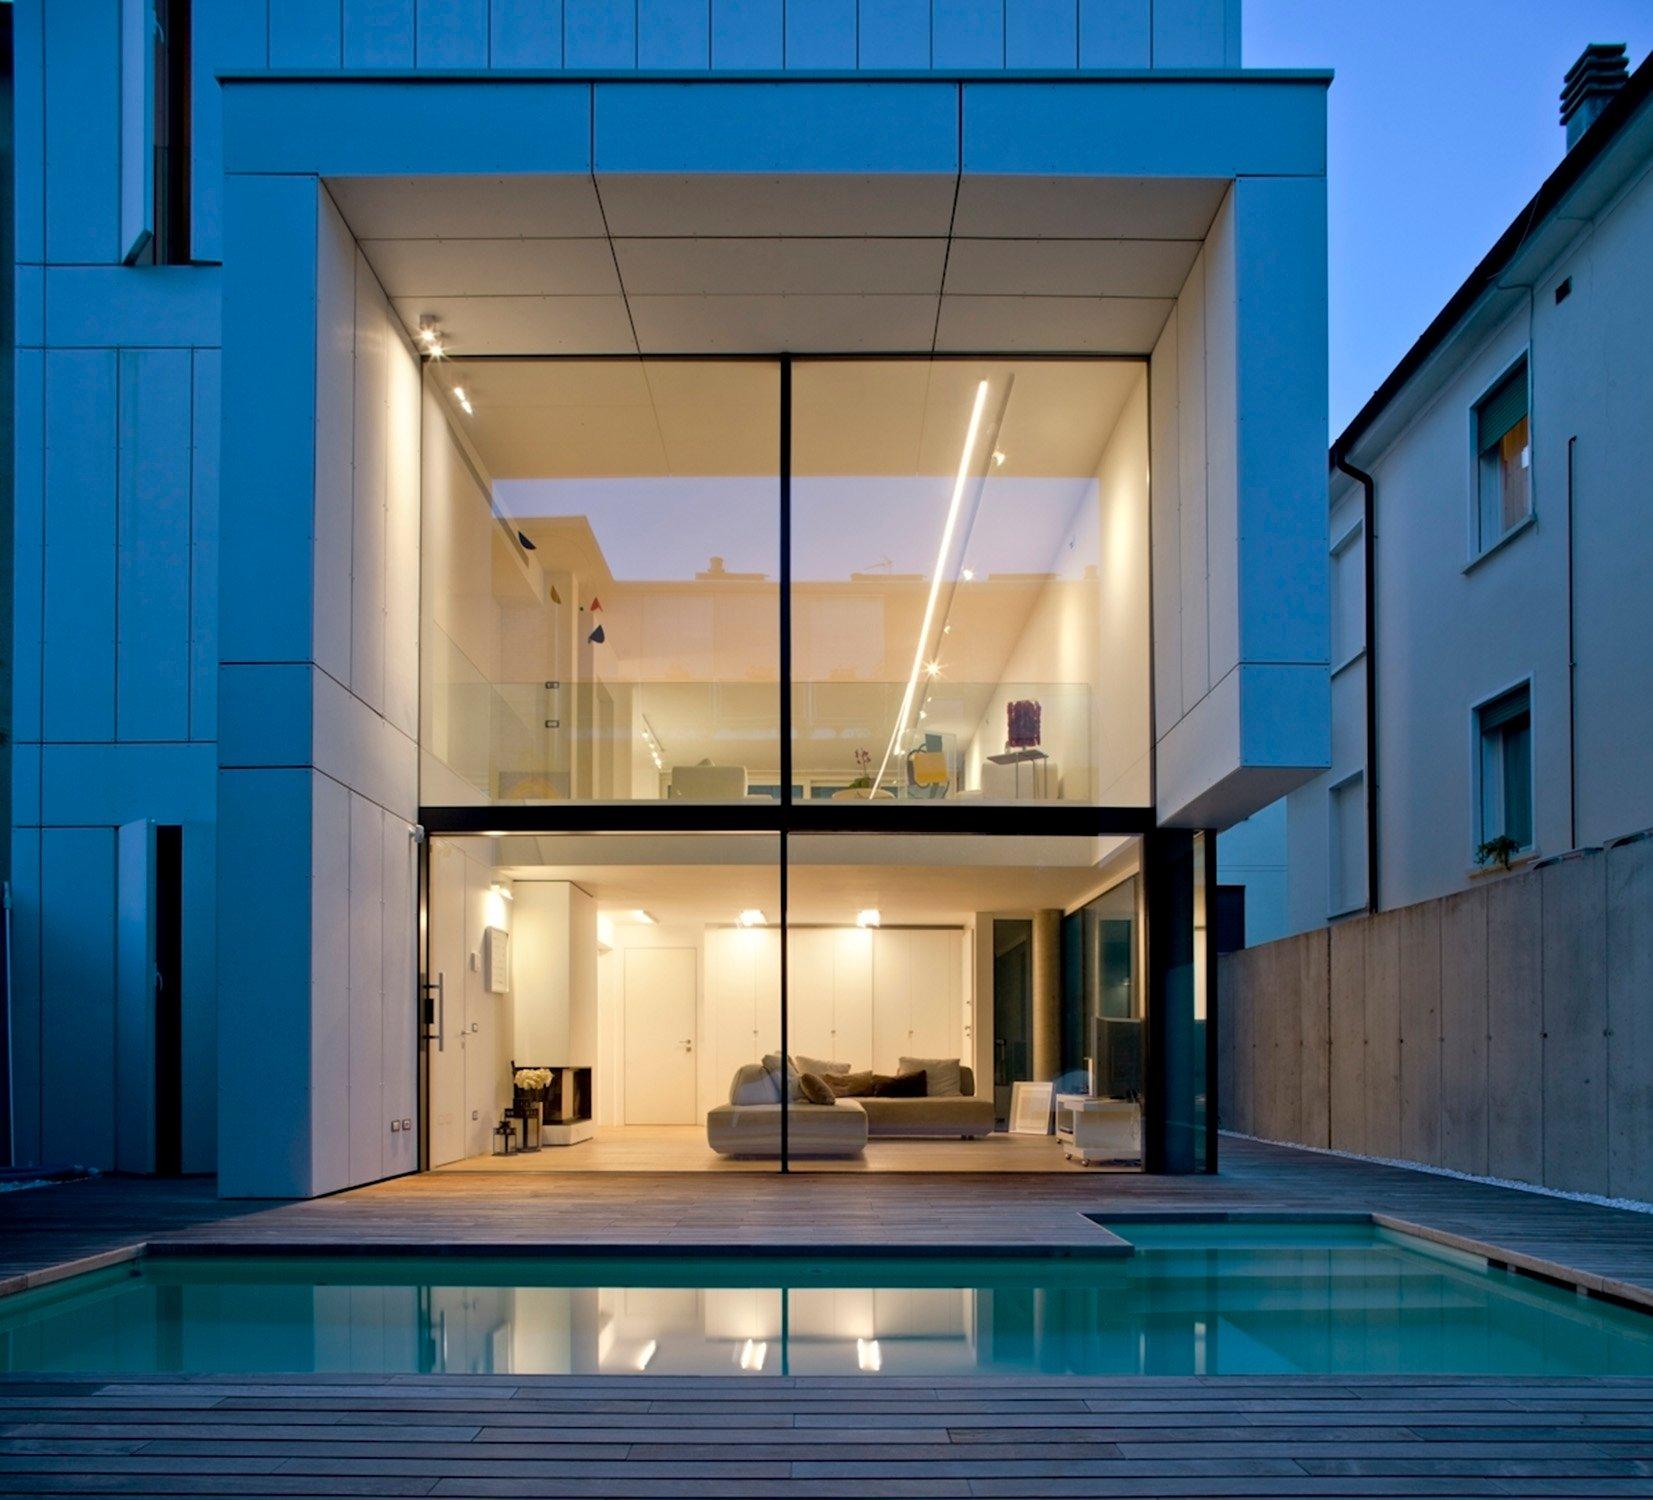 vista interna notturna dalla piscina